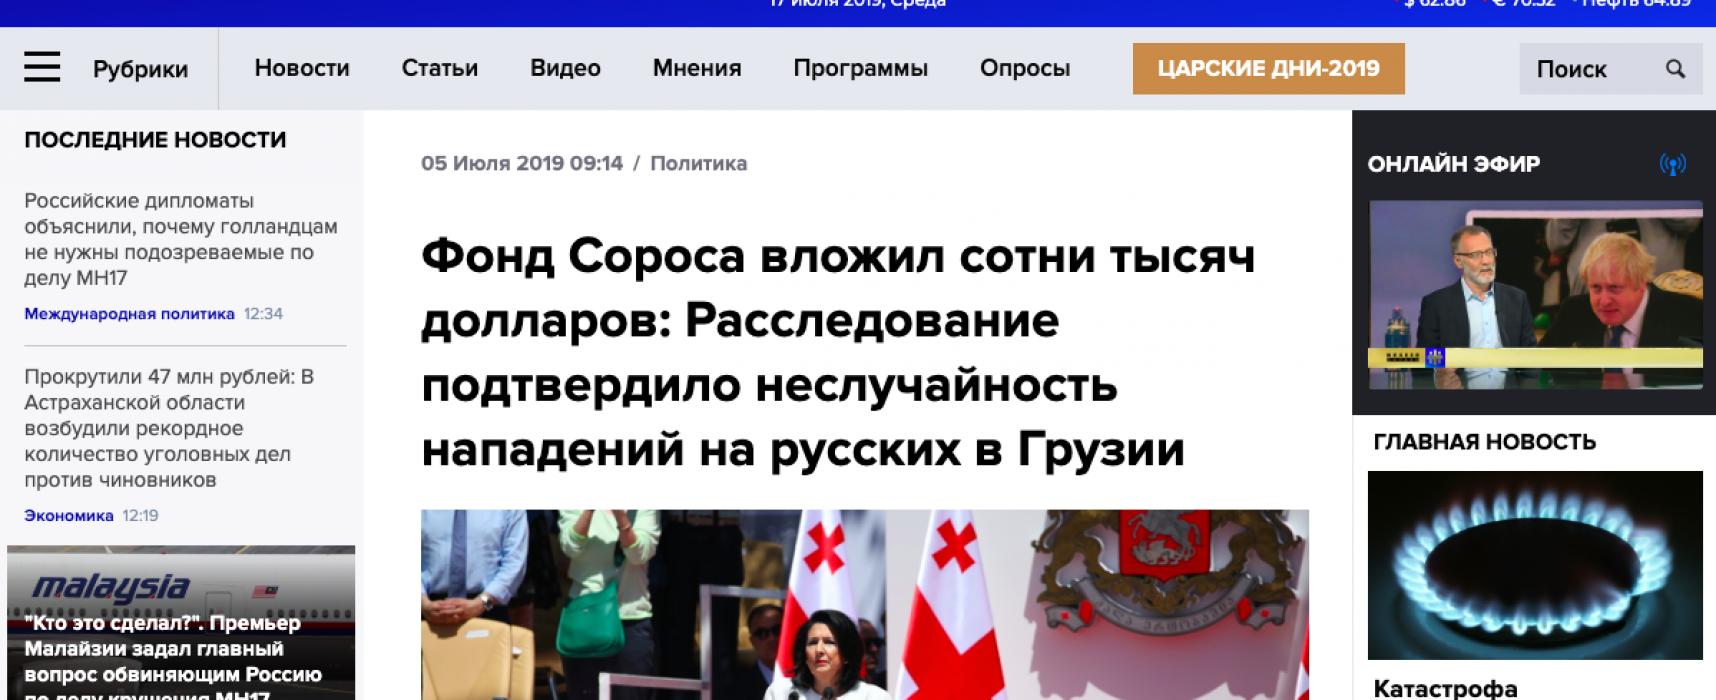 Фейк: Антиросійські протести у Грузії спровокував фонд Сороса «Відкрите суспільство»